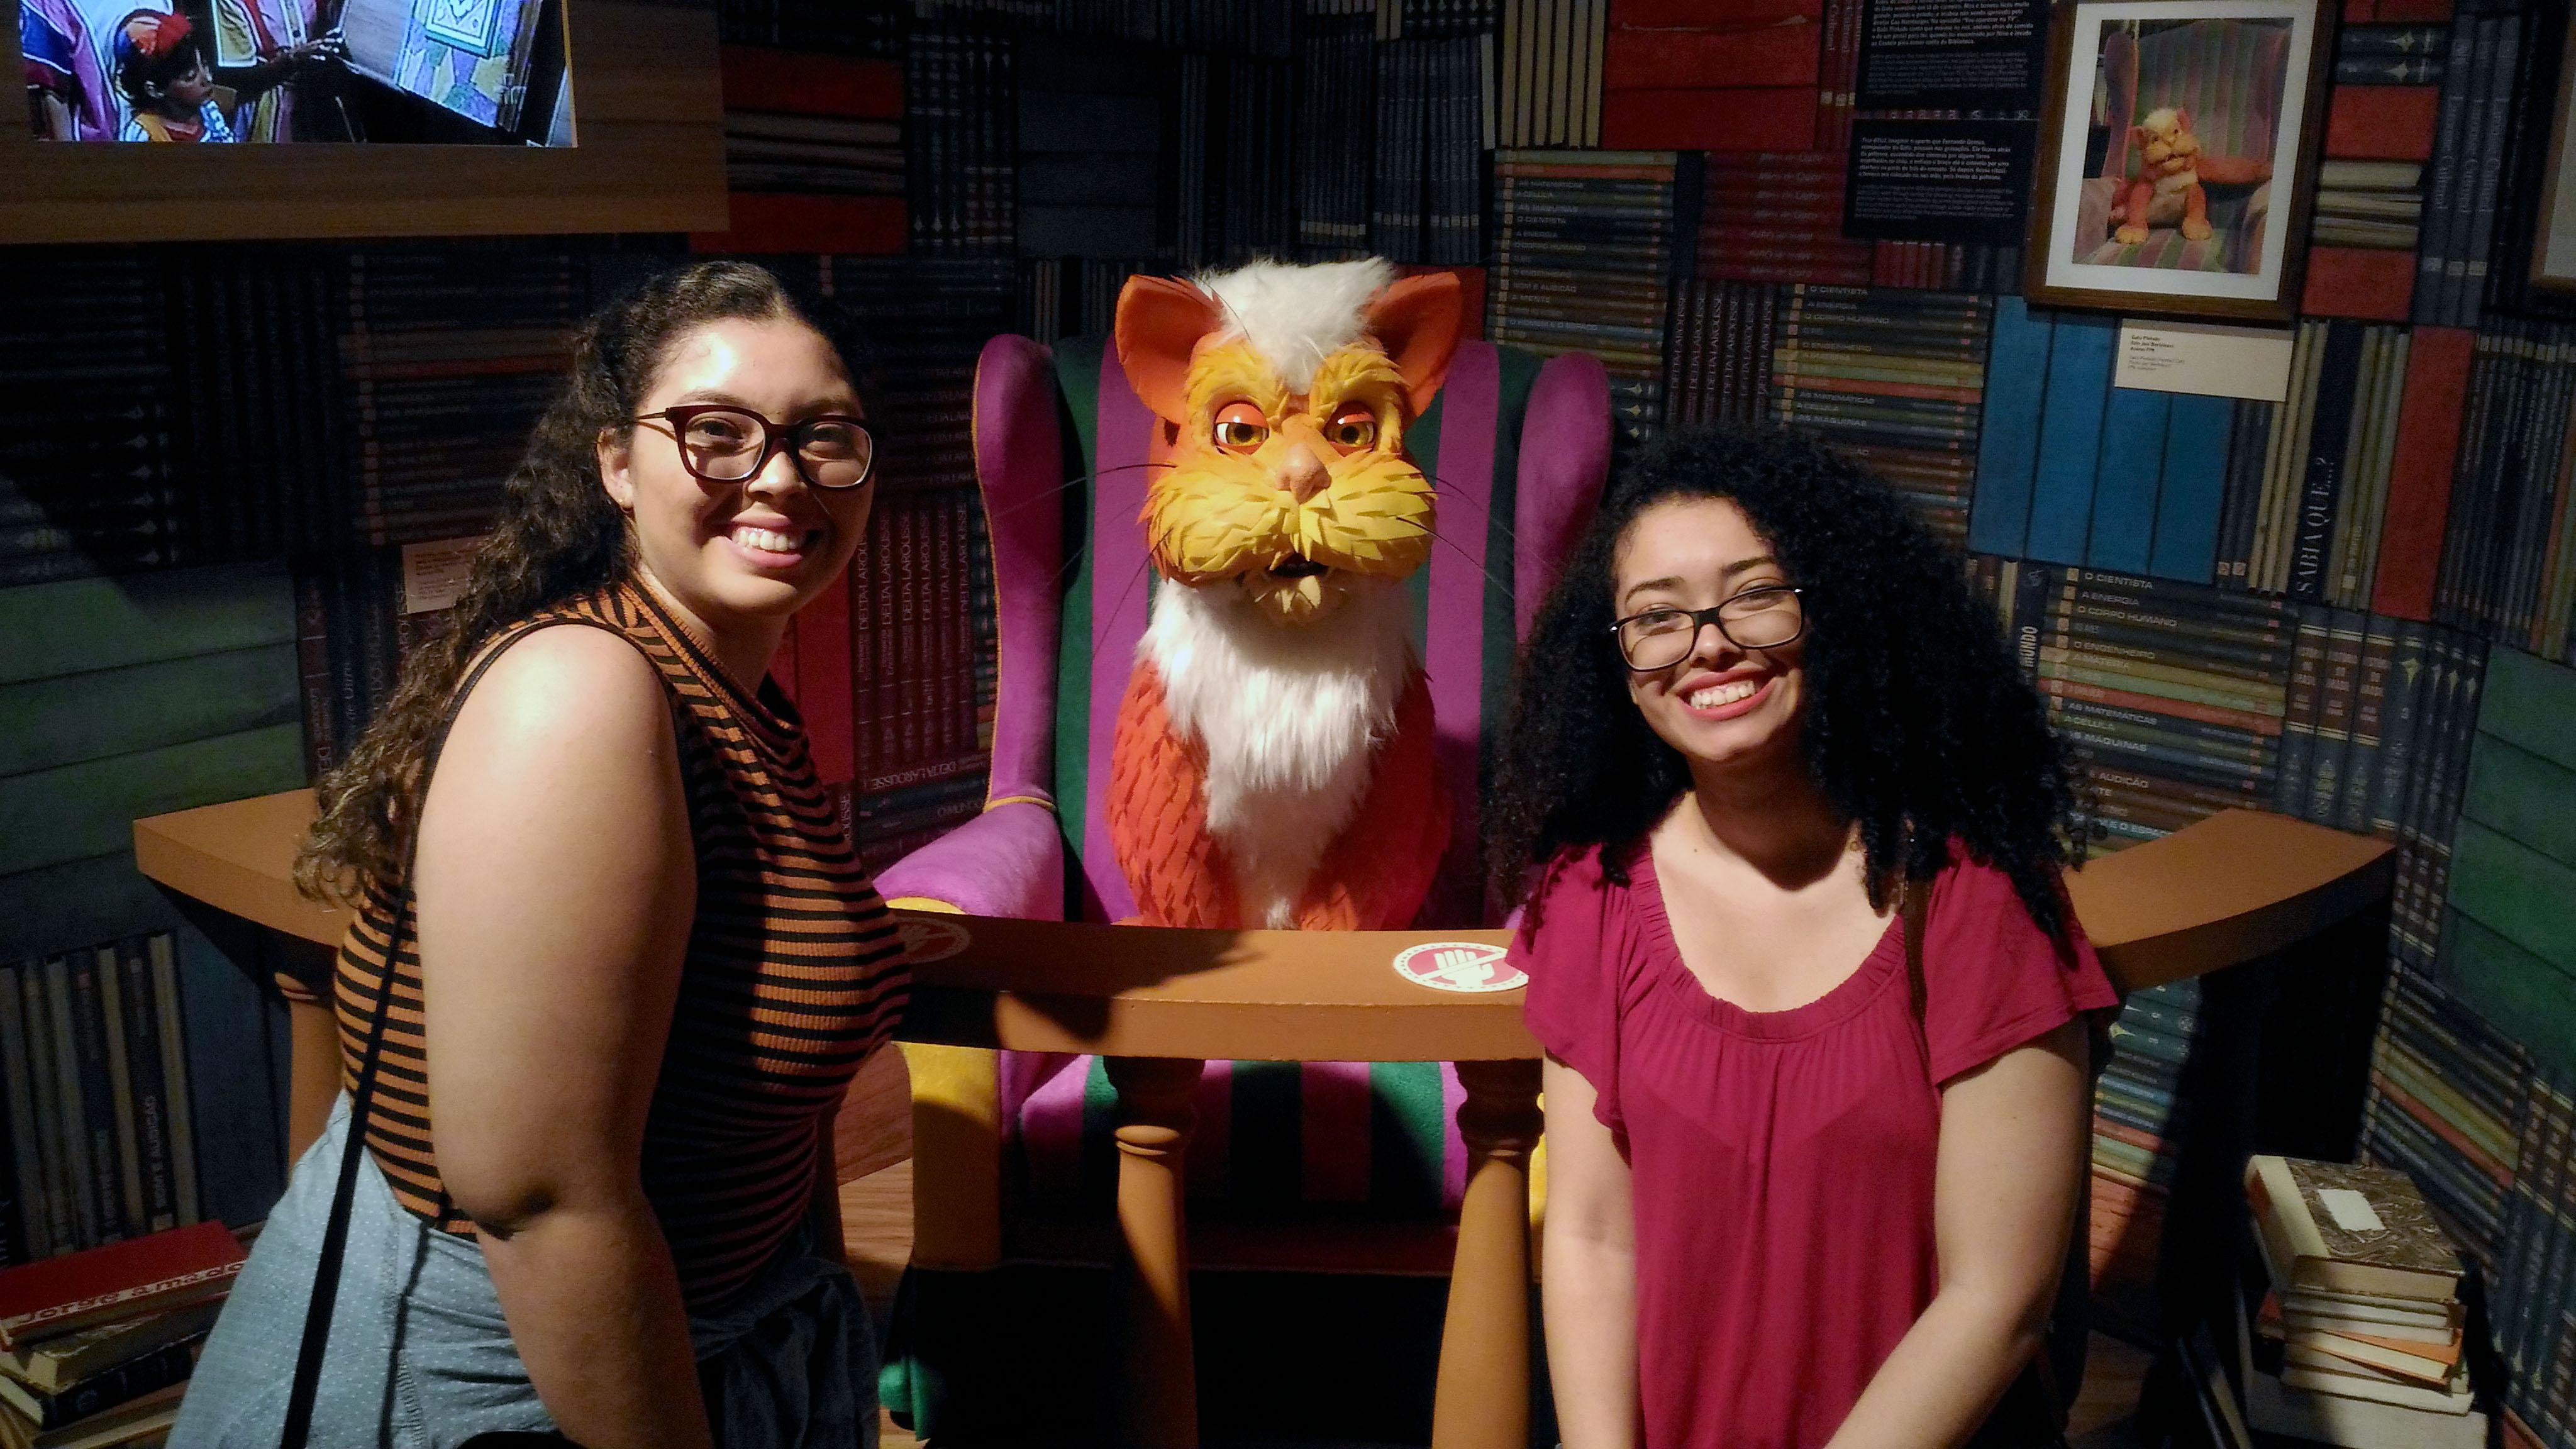 Fim-de-semana-em-São-Paulo-castelo-ra-tim-bum-gato